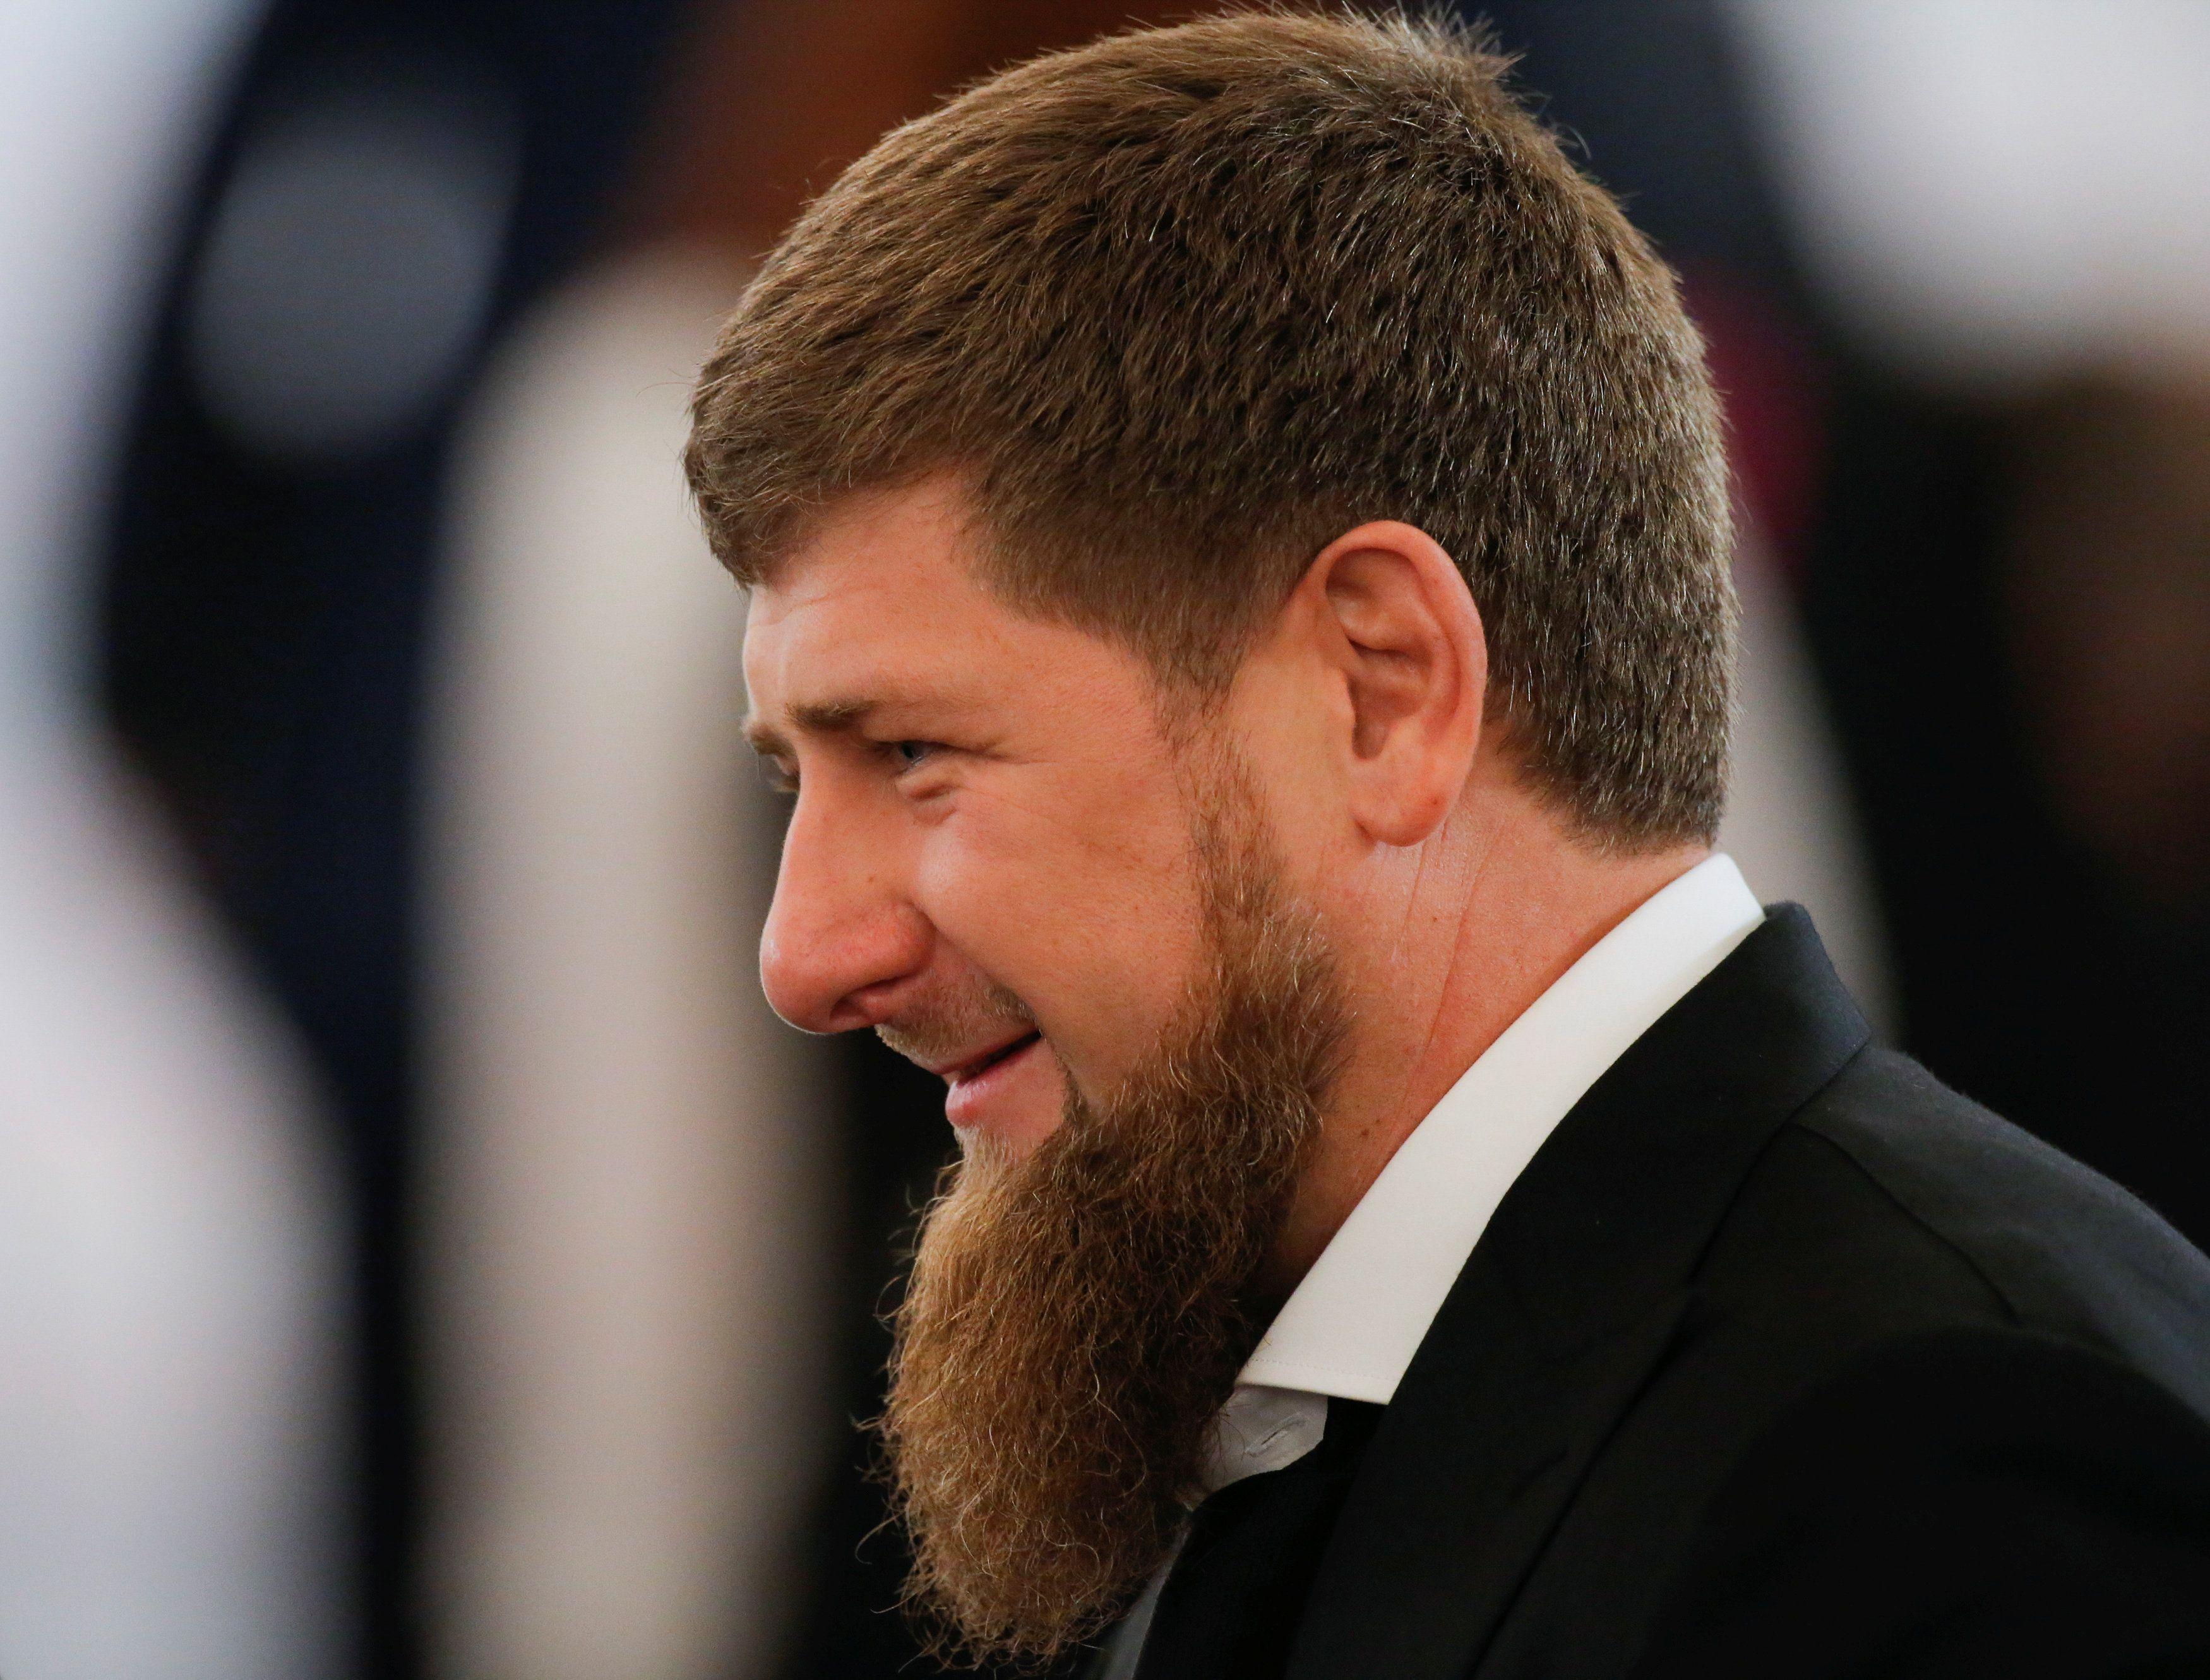 Рамзан Кадыров заявил, что ему не предлагали покинуть должность главы Чечни - Кадыров новости